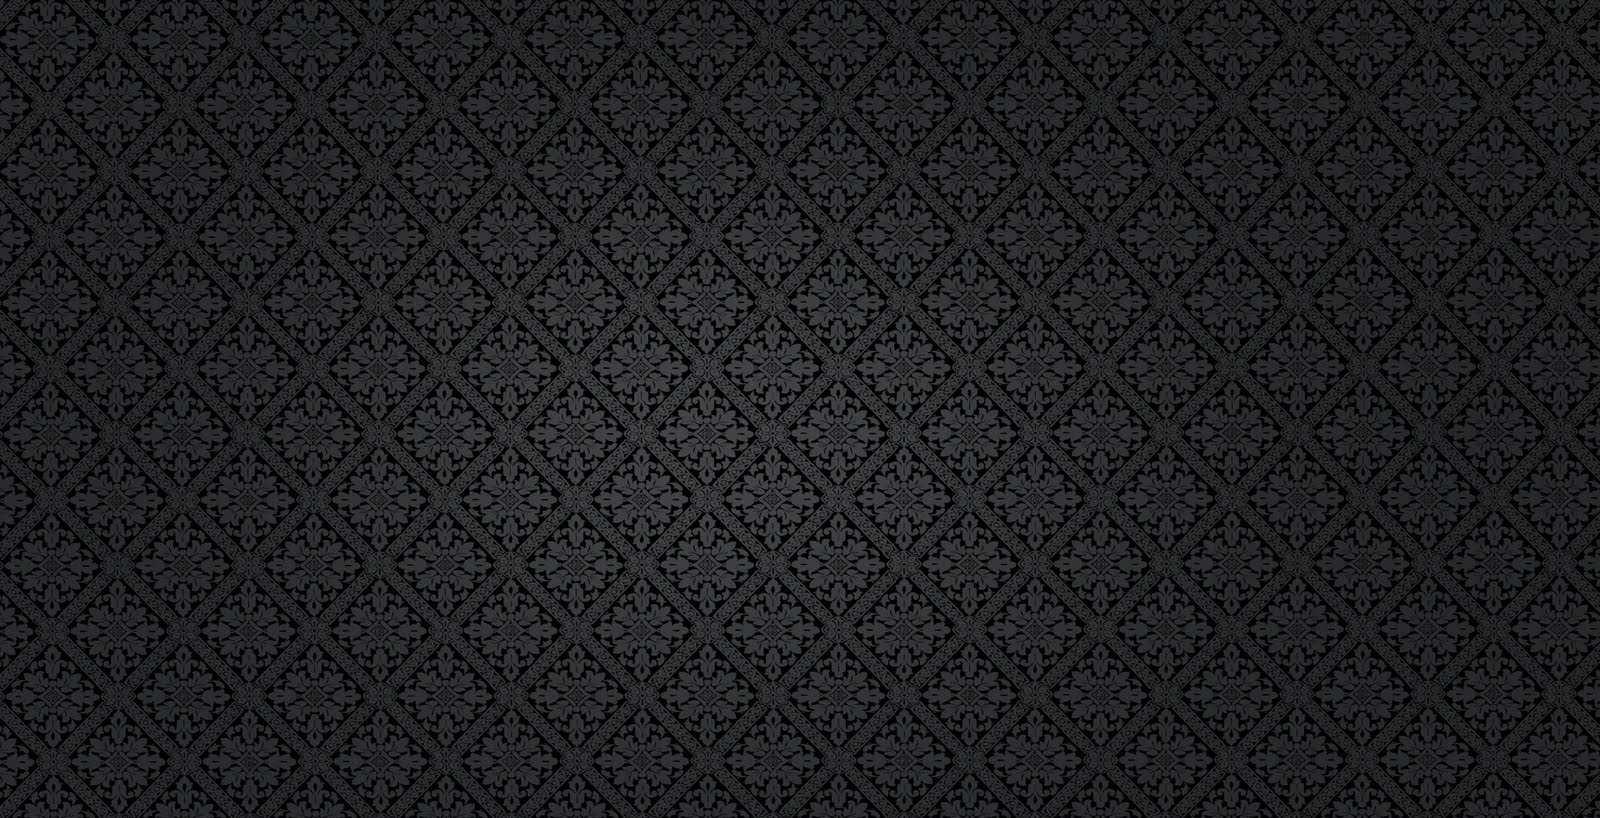 Dark Textured Background Sf Wallpaper